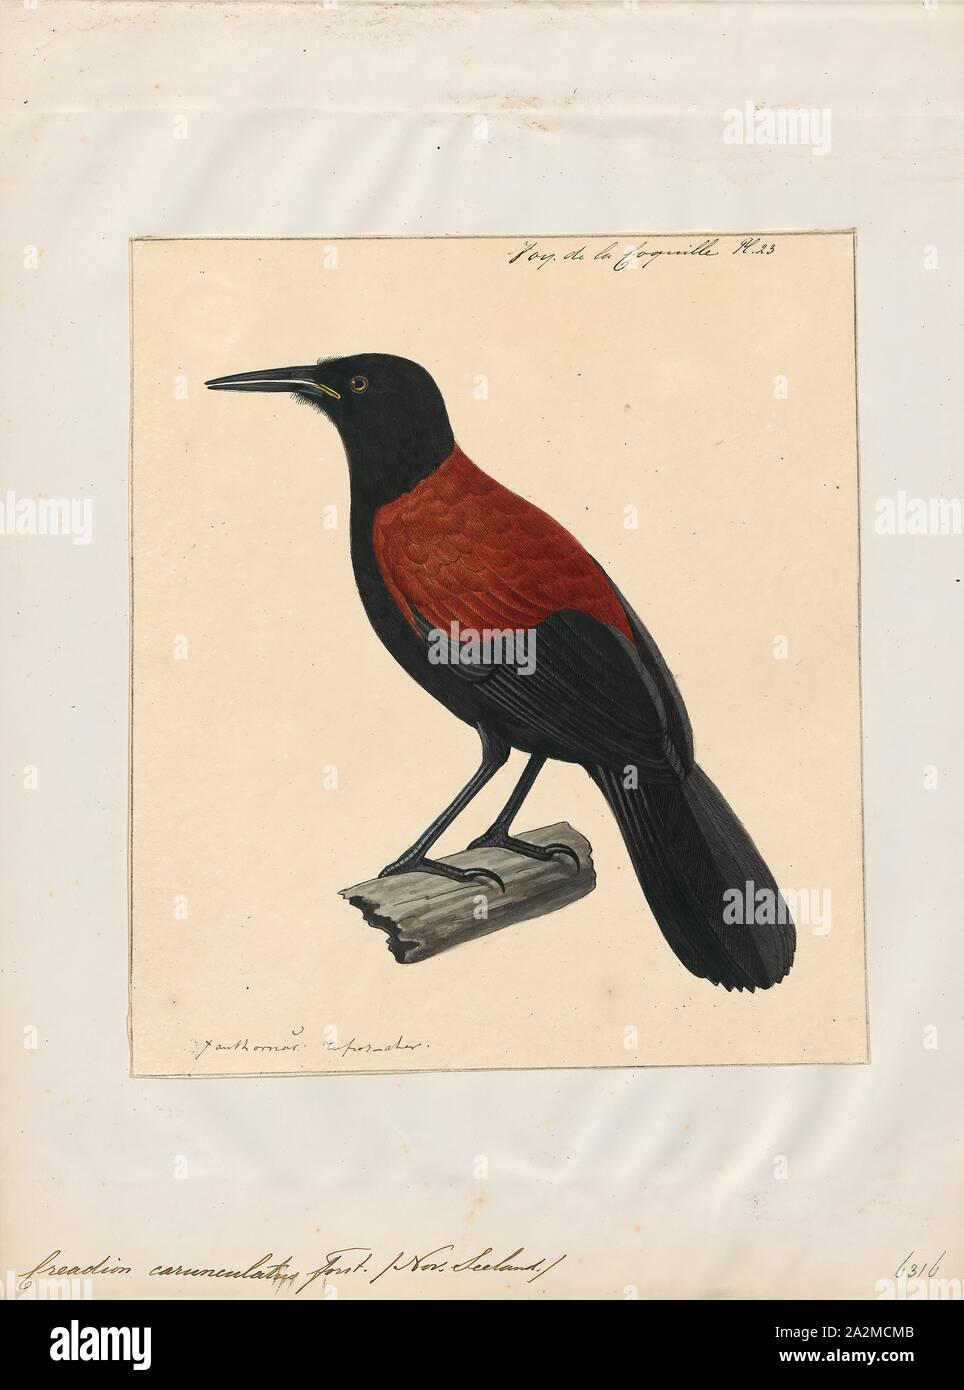 Creadion carunculatus, Imprimer, l'île du Sud saddleback ou tīeke (Philesturnus carunculatus) est un oiseau de la forêt dans la Nouvelle Zélande wattlebird famille qui est endémique à l'île du sud de Nouvelle-Zélande. L'Île du Nord et saddleback cette espèce était auparavant considérées comme conspécifiques. Le ministère de la conservation en ce moment a l'île du Sud saddleback désignées en péril--en déclin., 1825-1839 Banque D'Images